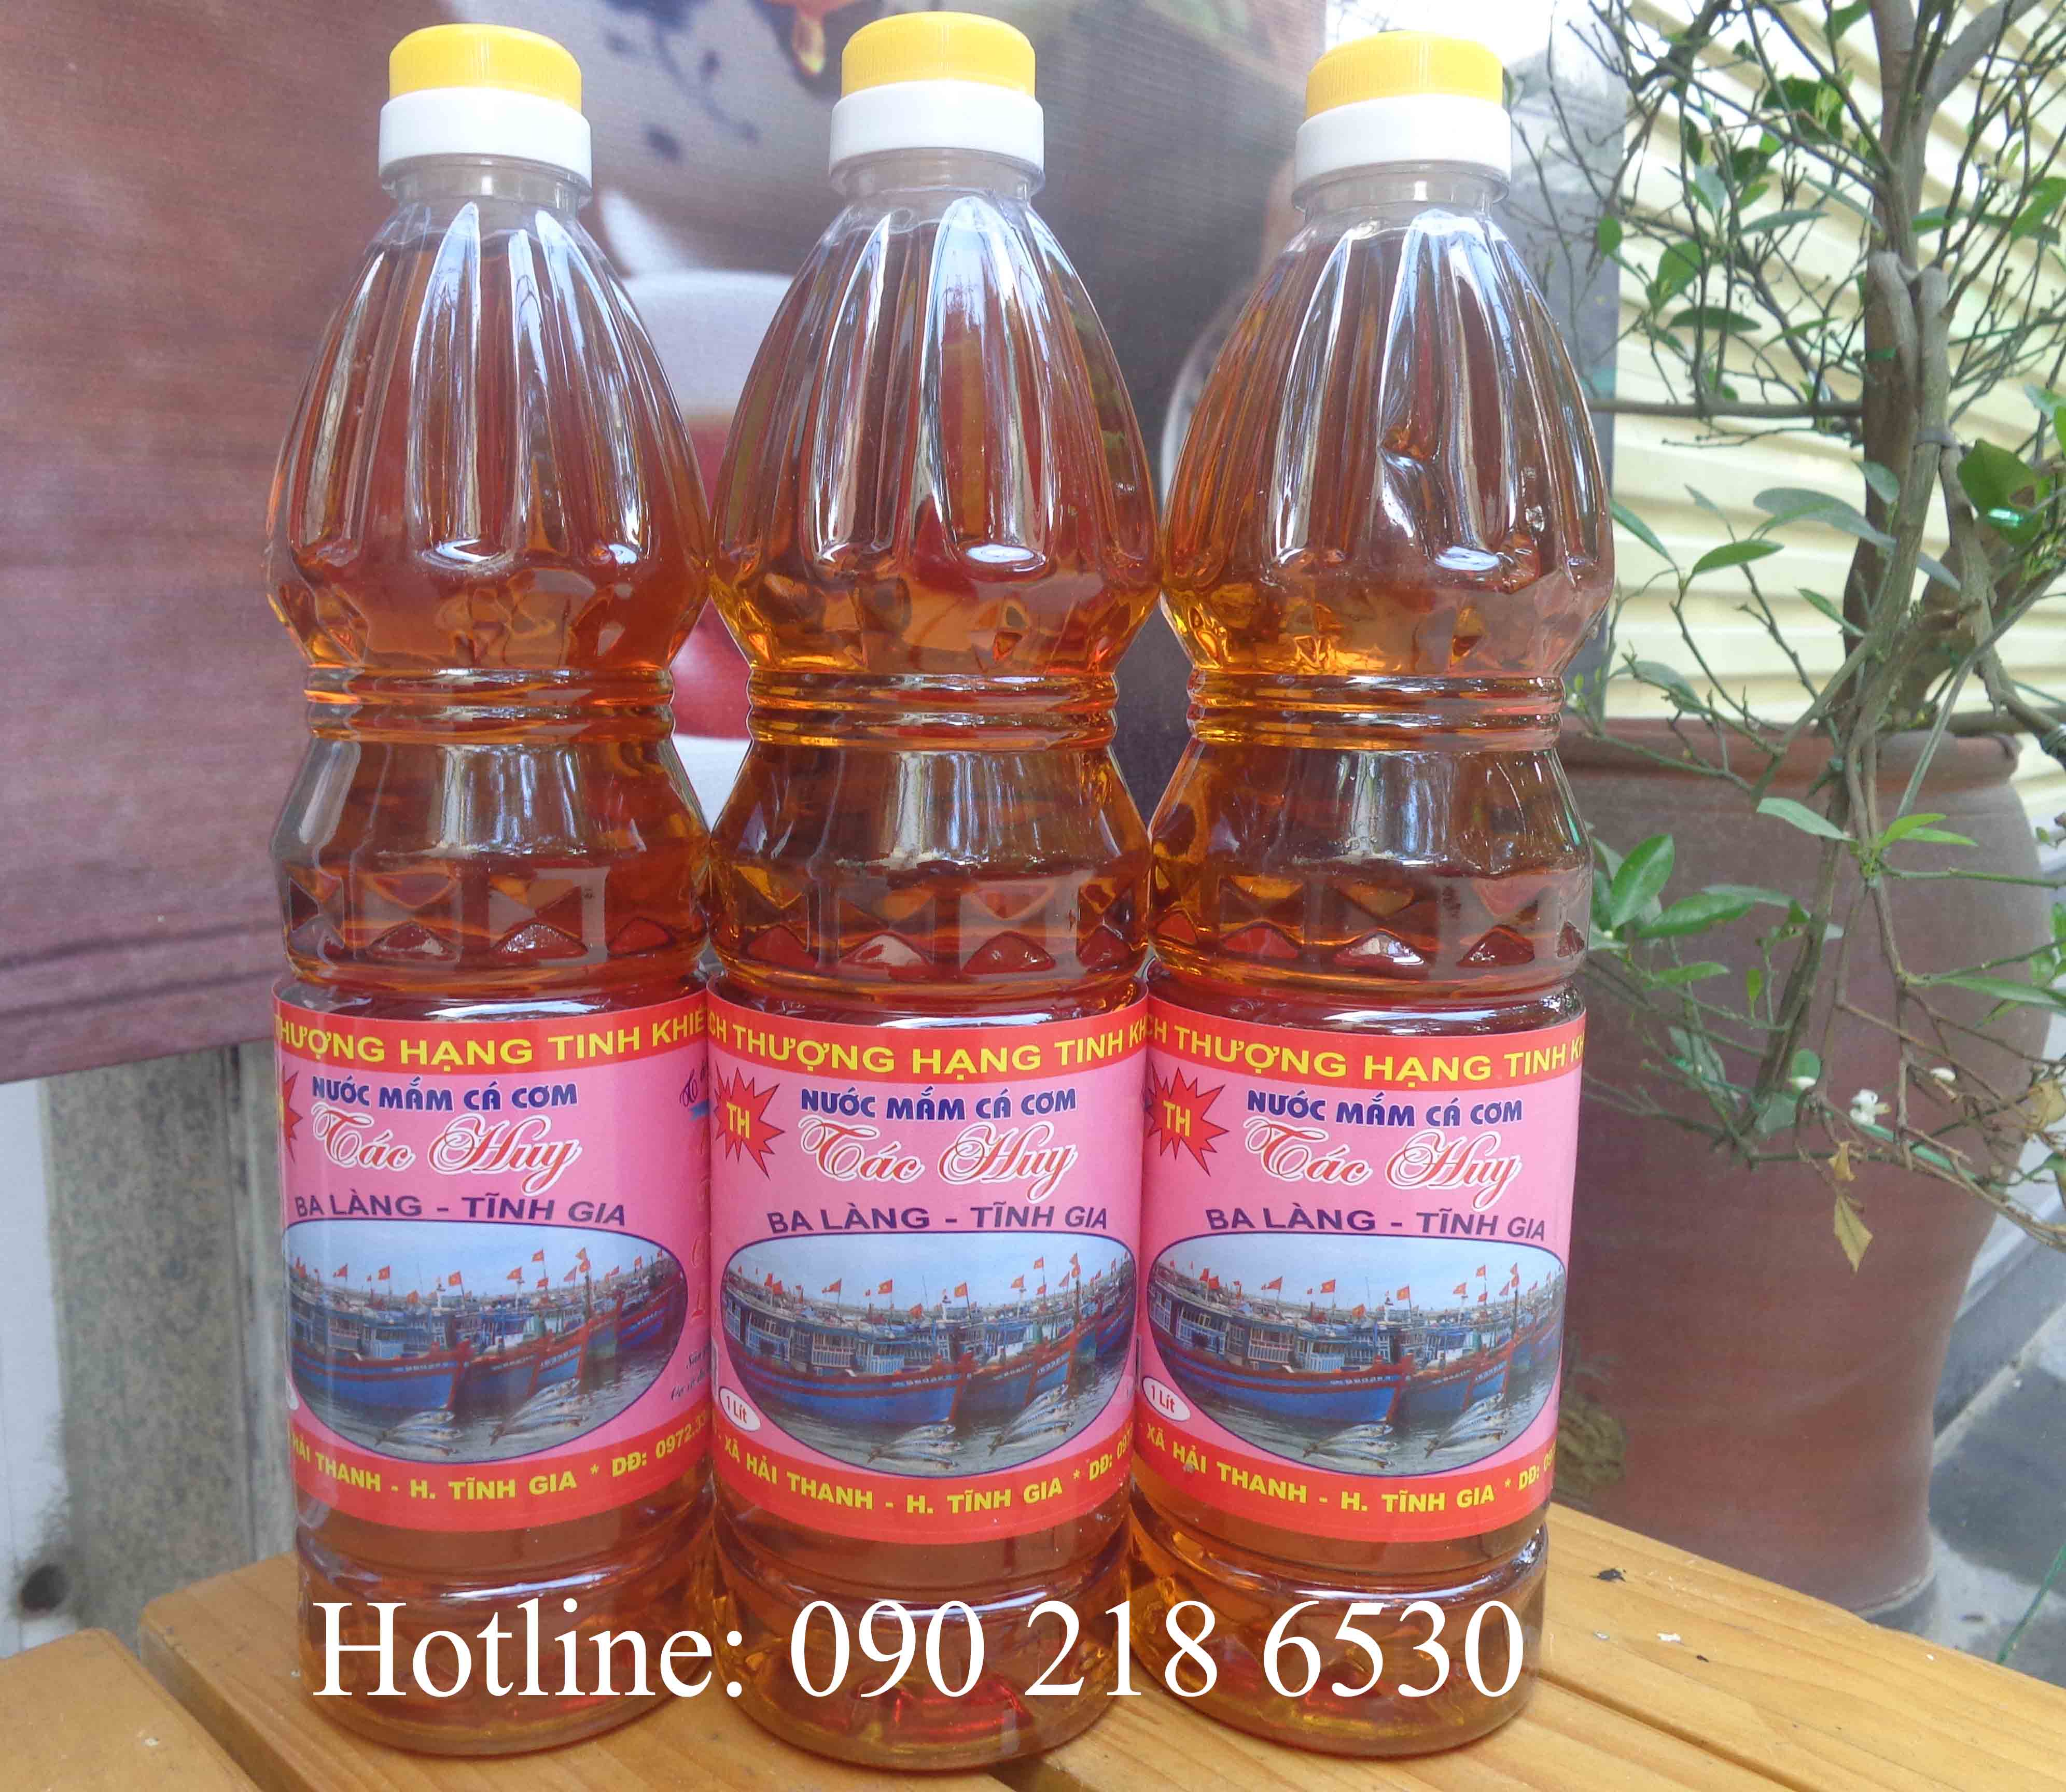 Nước mắm cốt siêu tiết kiệm sử dụng trong gia đình (chai 1l)